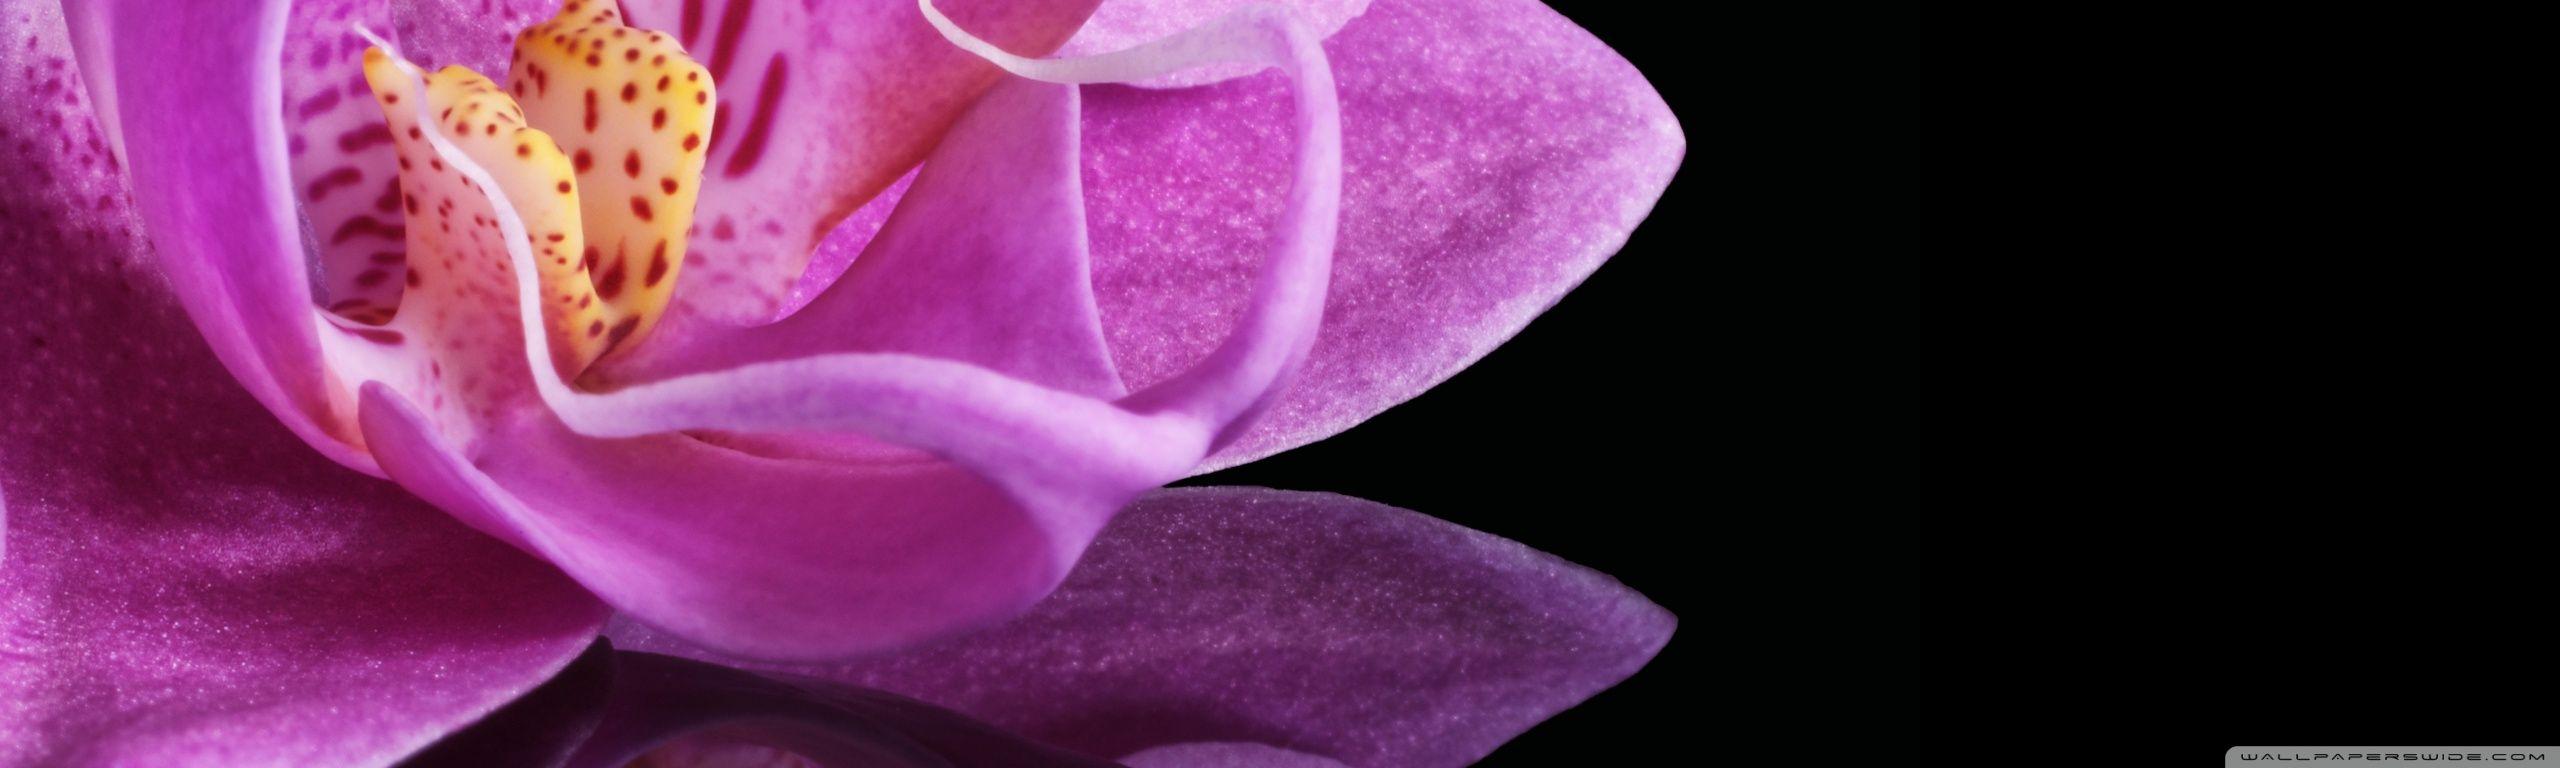 Orchid flower hd desktop wallpaper widescreen high definition d